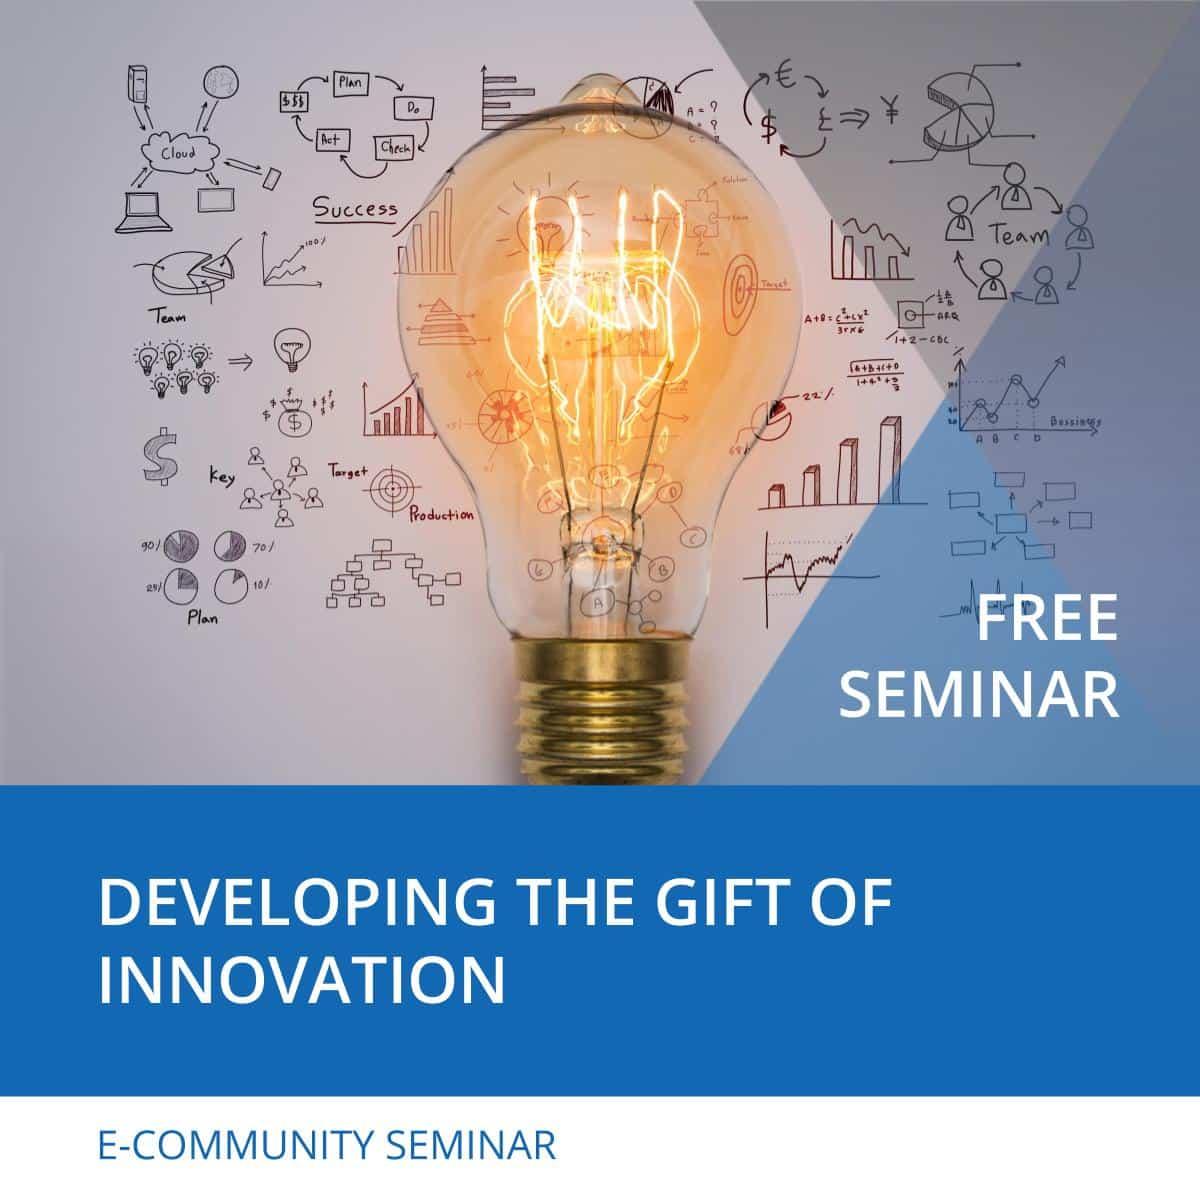 Developing the Gift of Innovation - Nehemiah E-Community